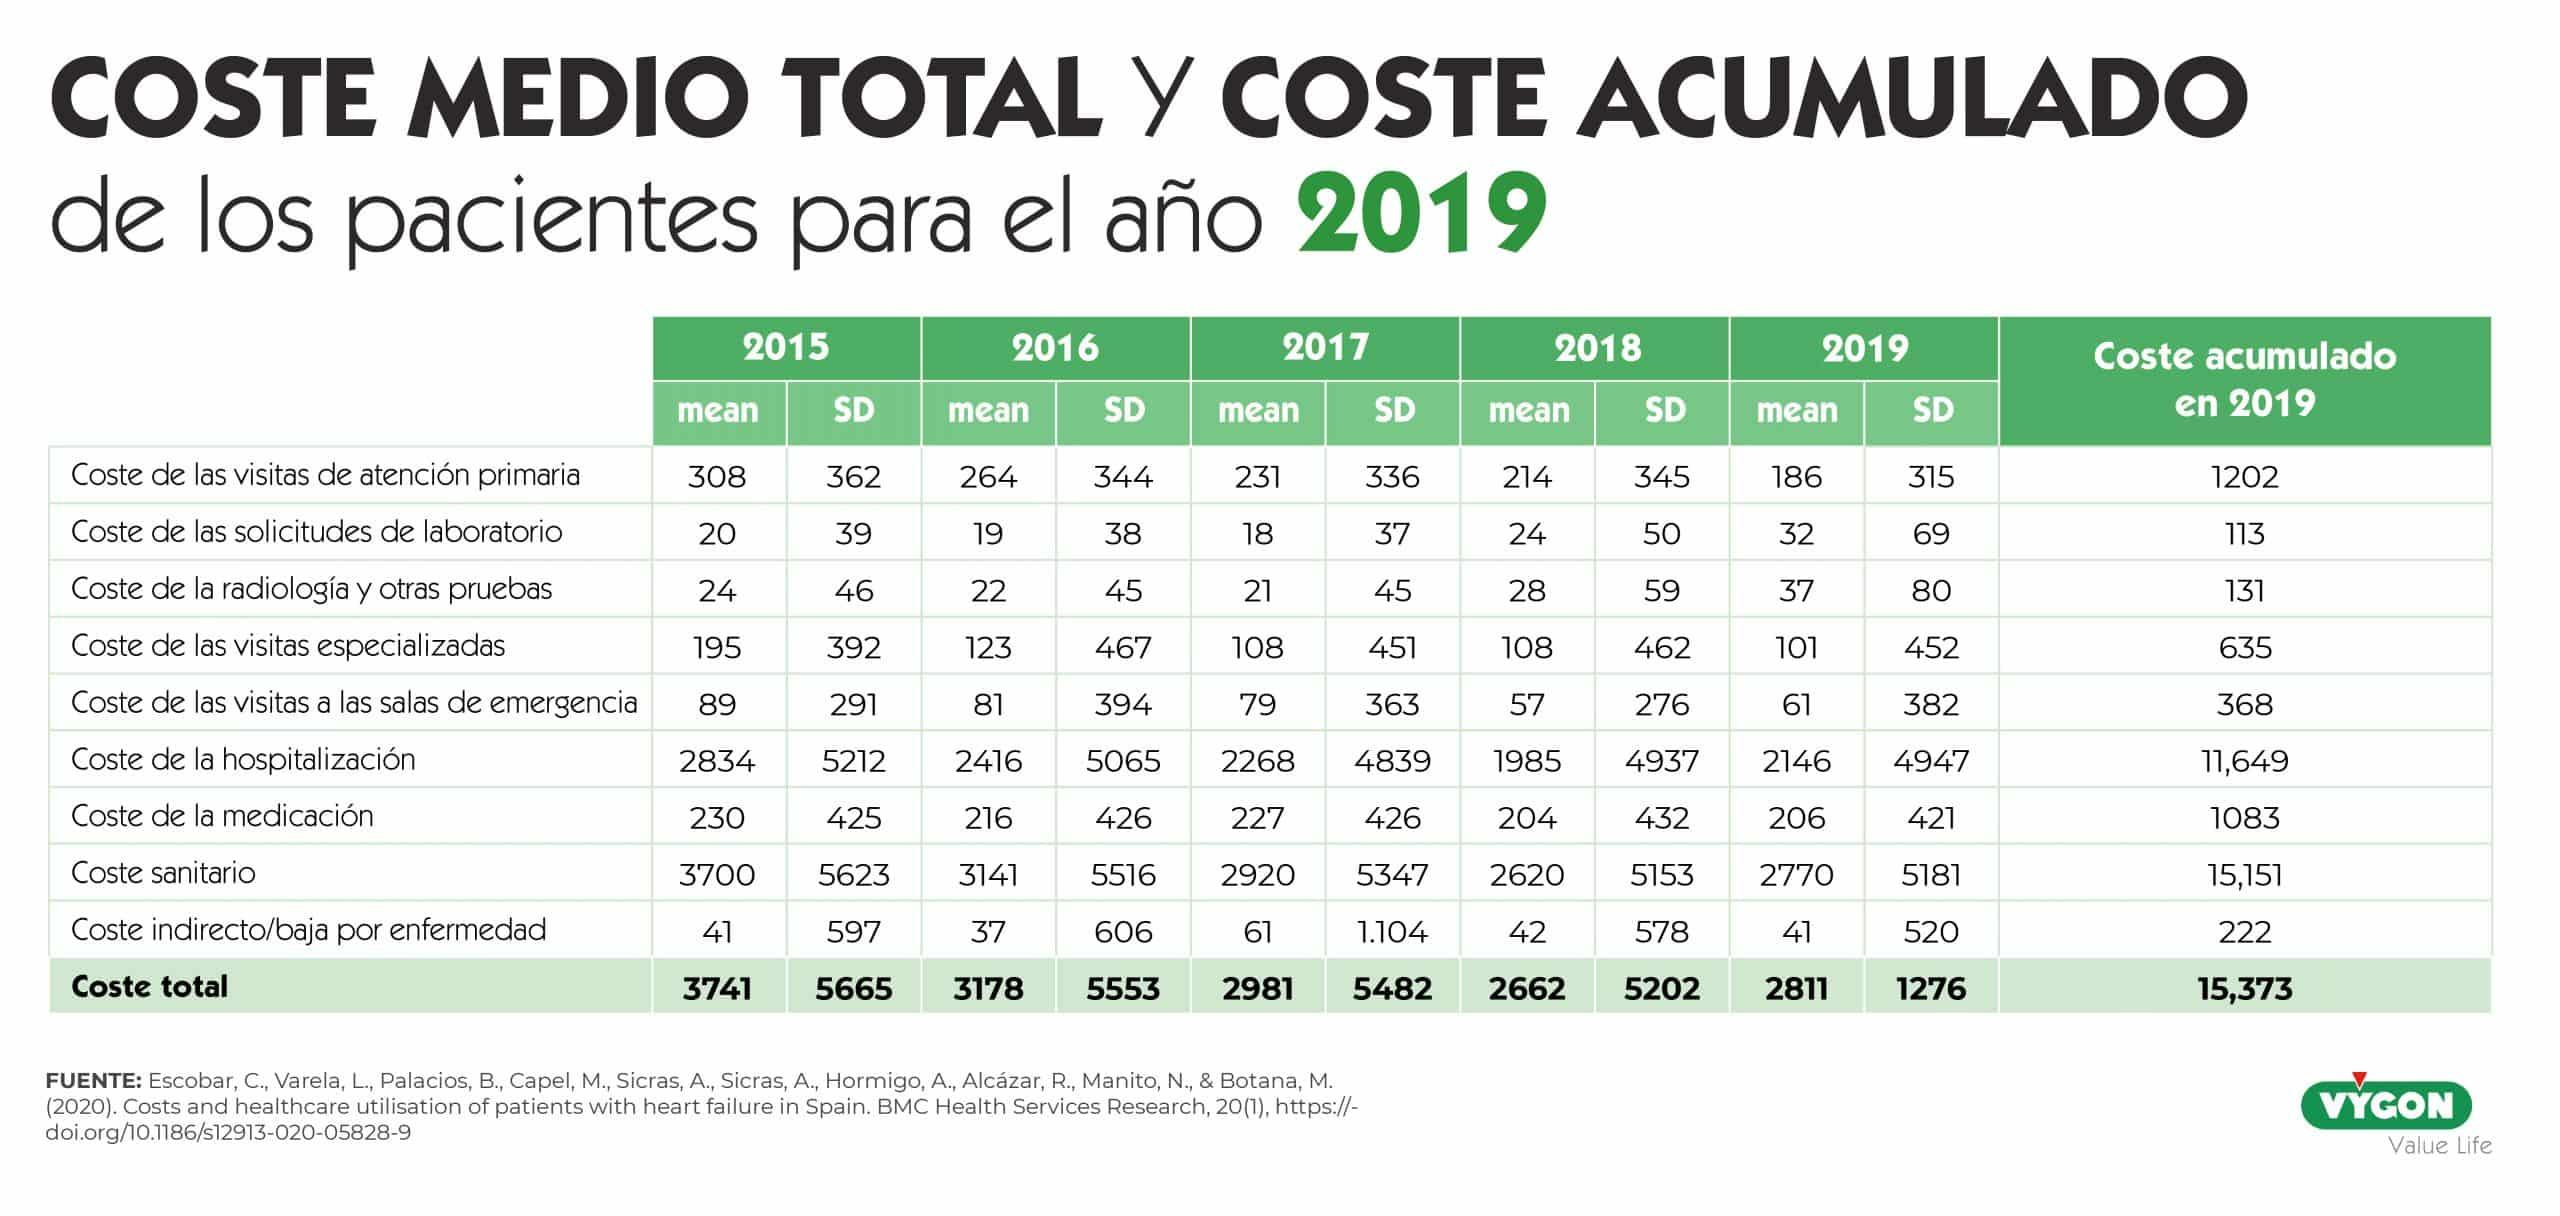 coste medio y acumulado 2019